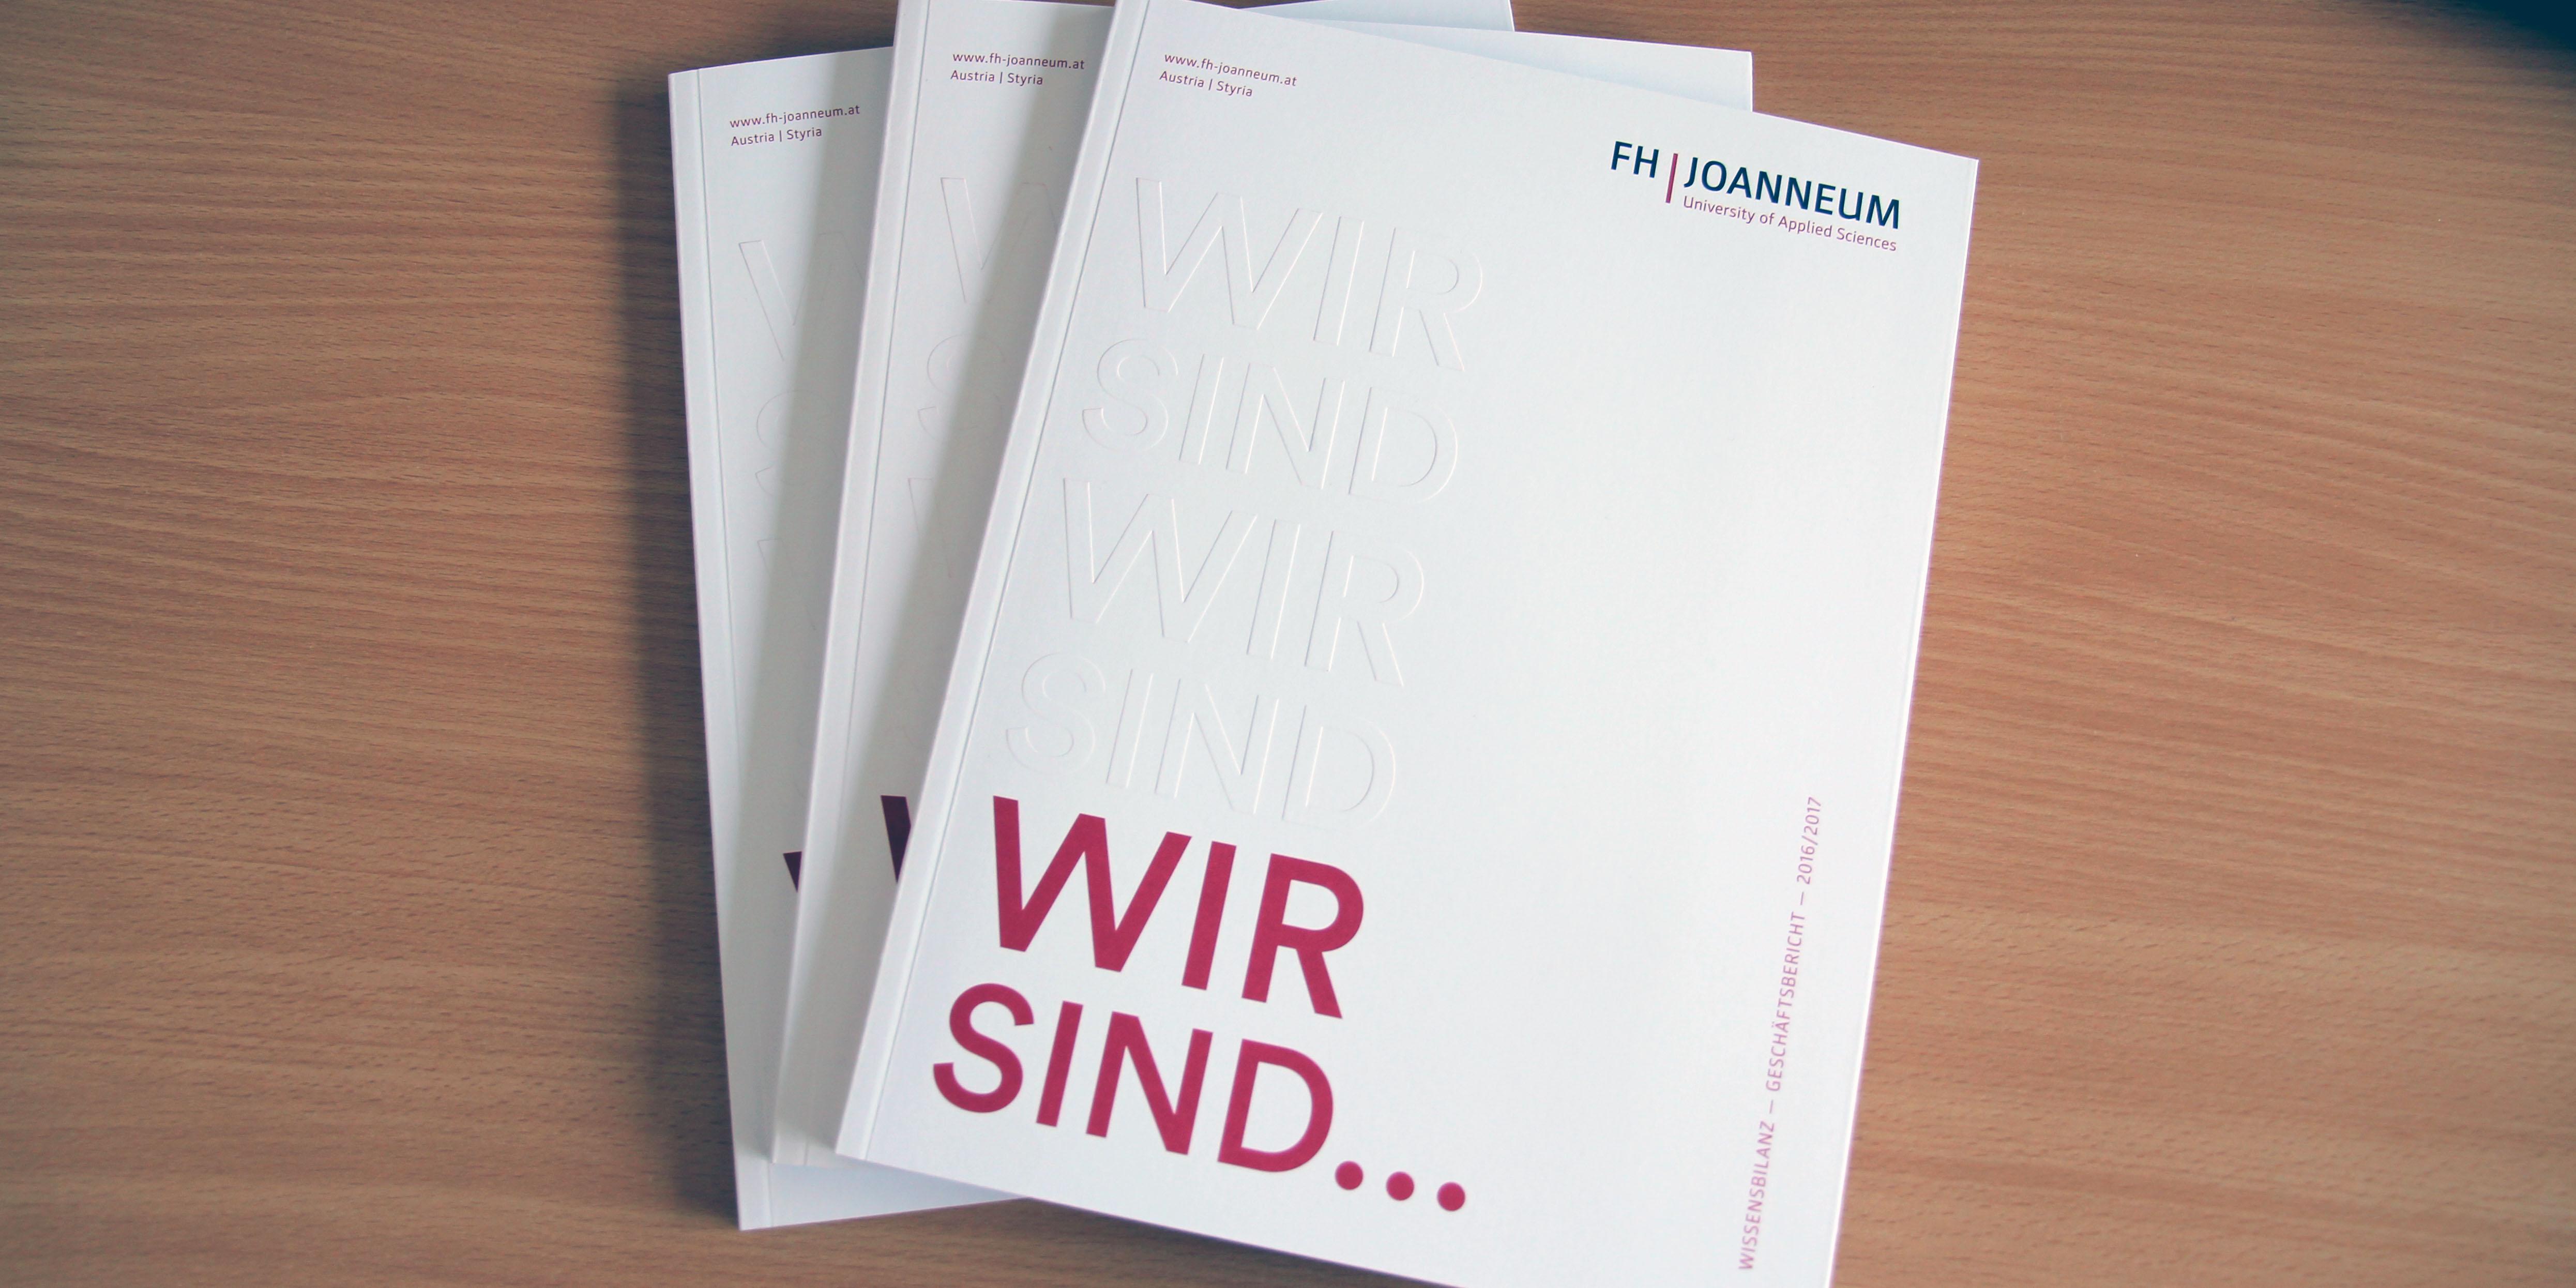 Drei Exemplare des Annual Reports auf einem Tisch.